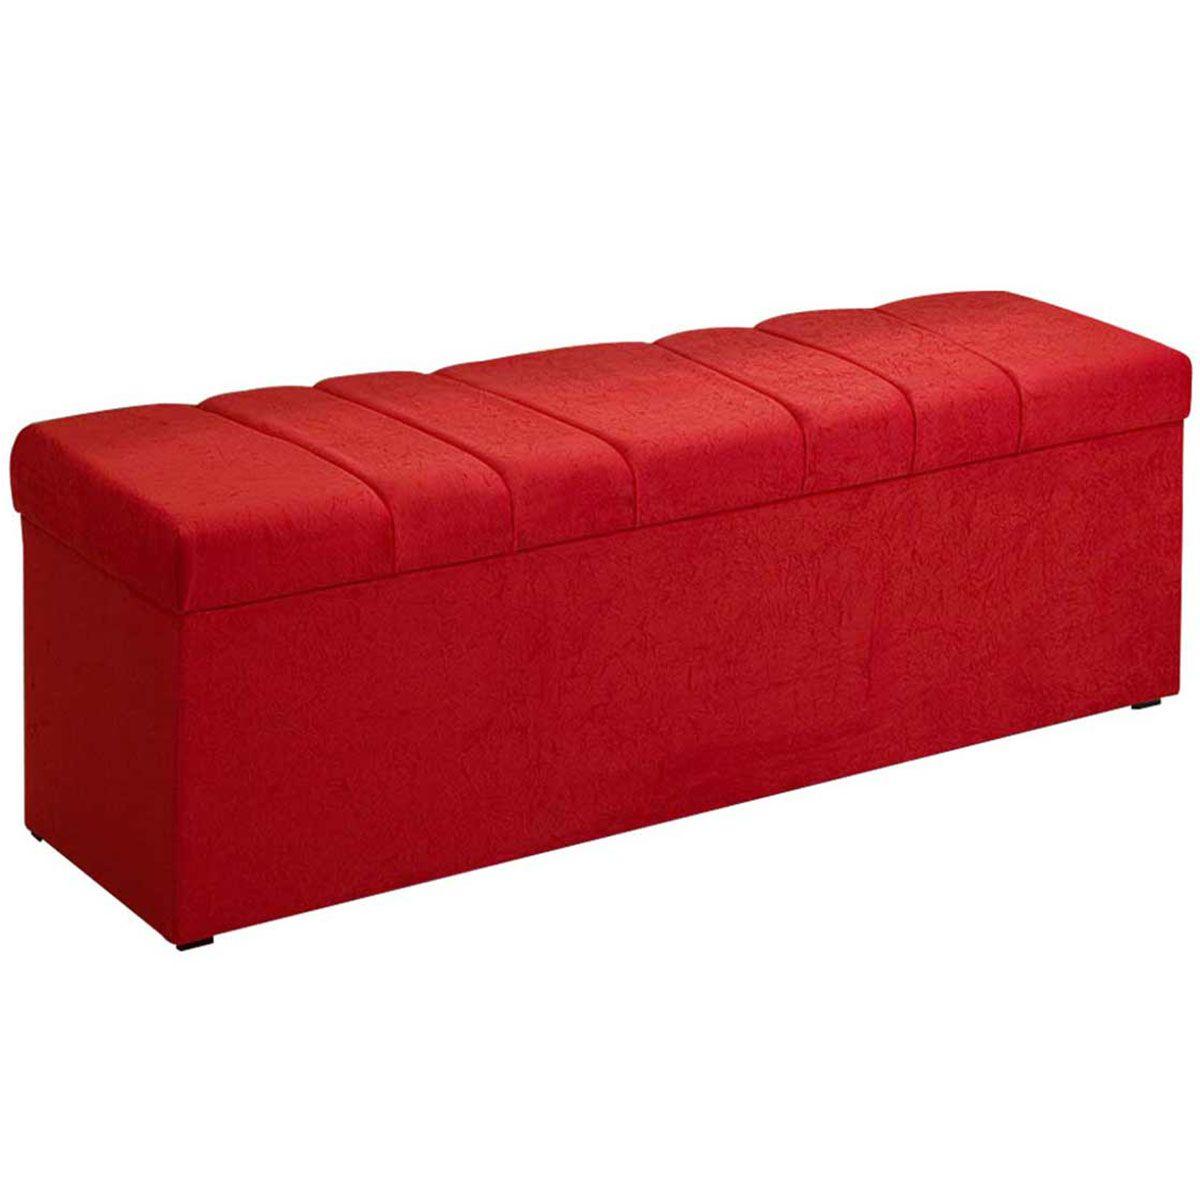 Kit Cabeceira Poliana e Calçadeira Kiara King 195 cm Vermelho